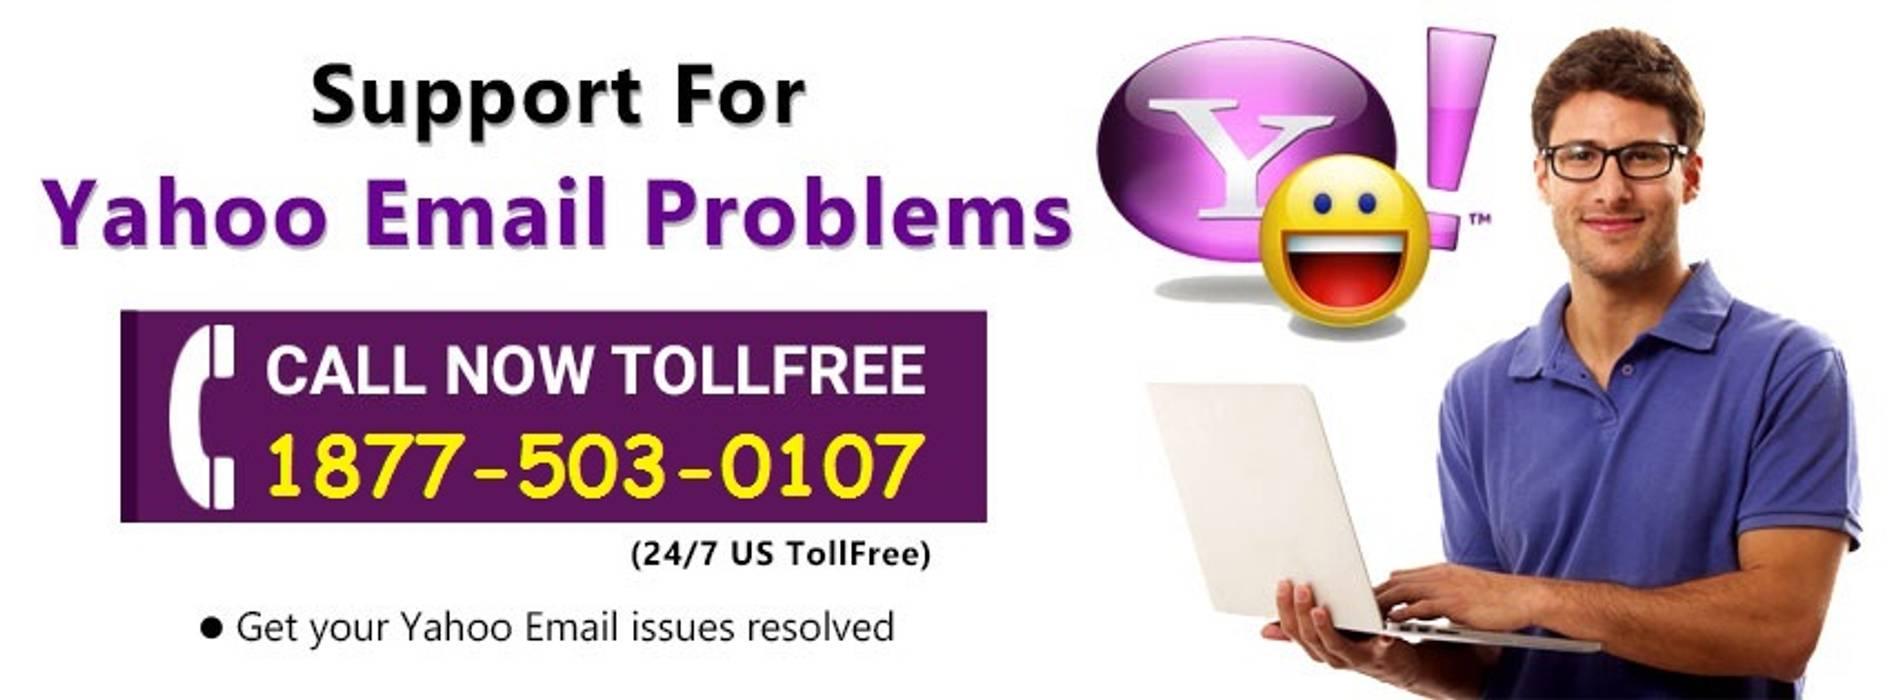 por Yahoo Mail Support Number 1877-503-0107 Clássico Derivados de madeira Transparente